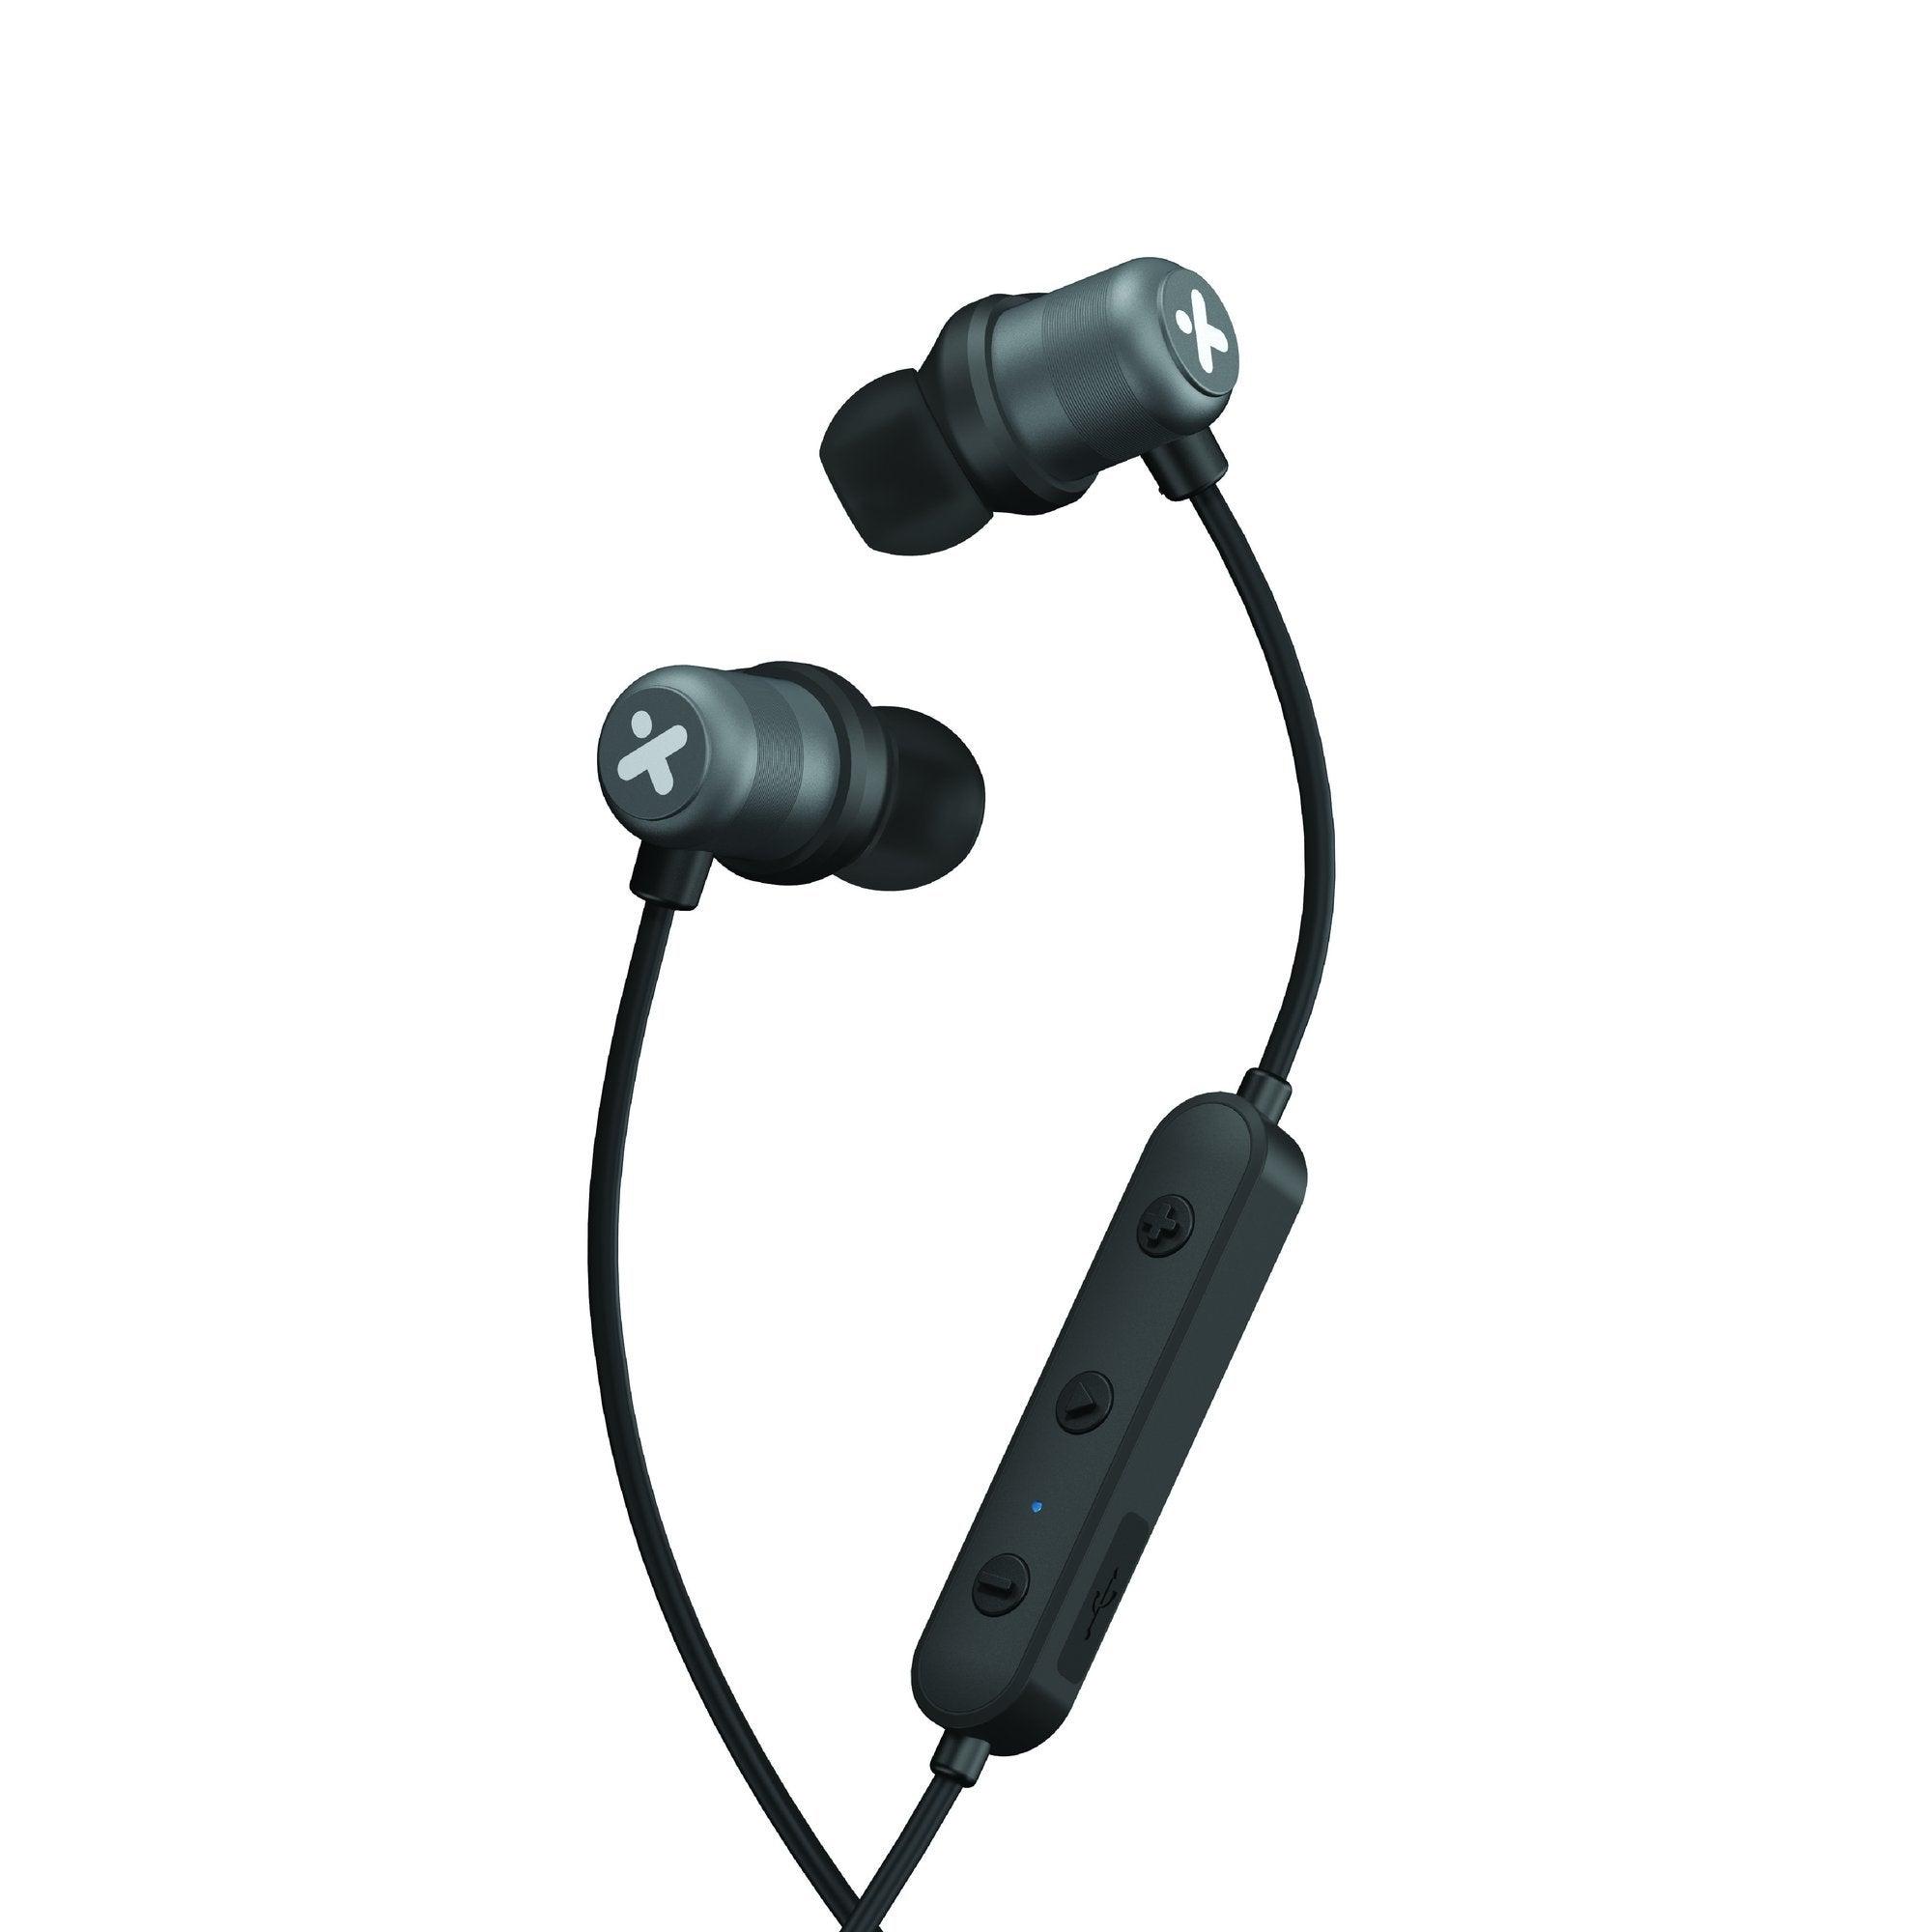 X-mini Ray Plus Headphones